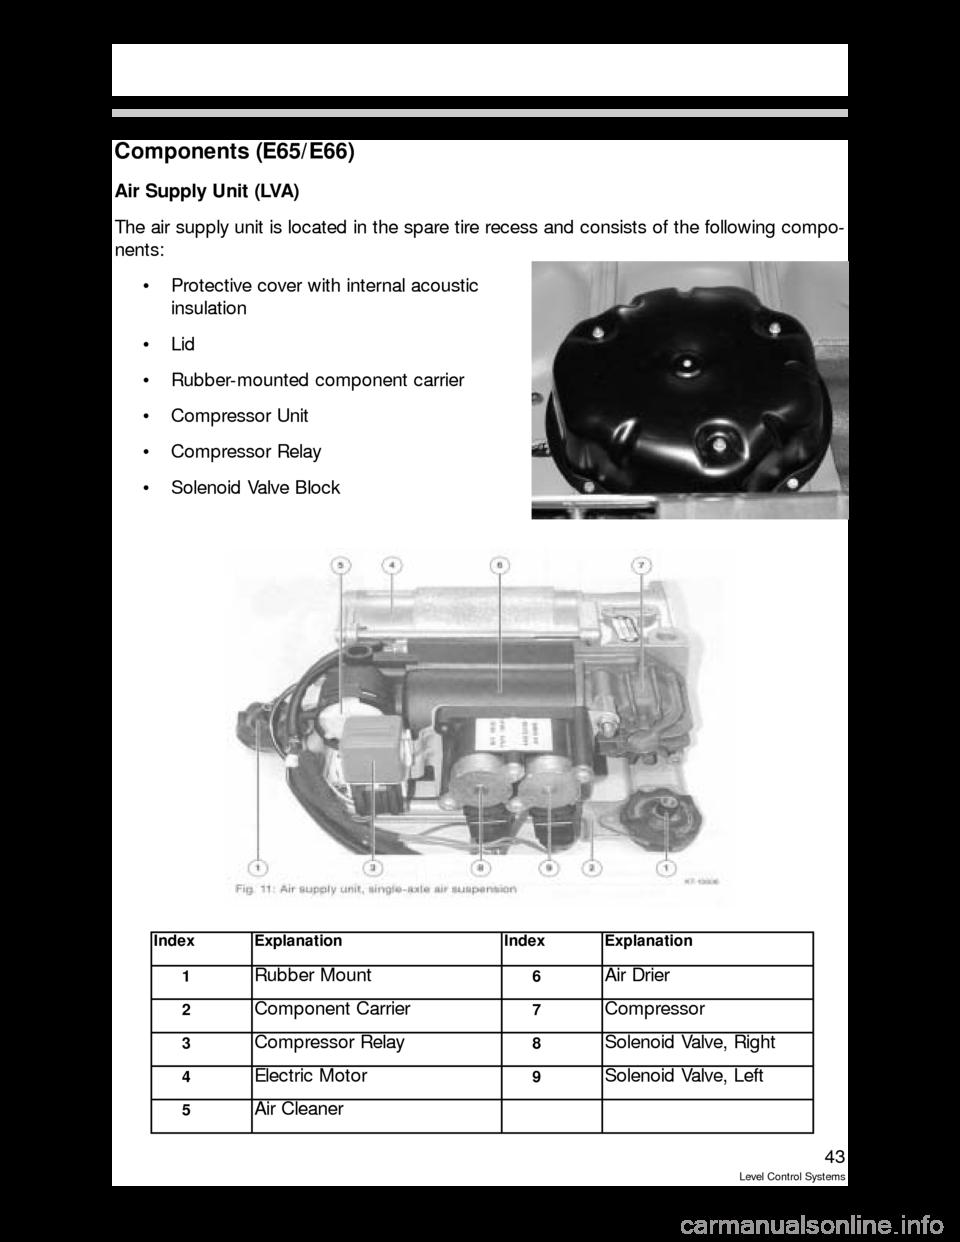 Bmw 540i Touring 1998 E39 Level Control System Manual Engine Diagram